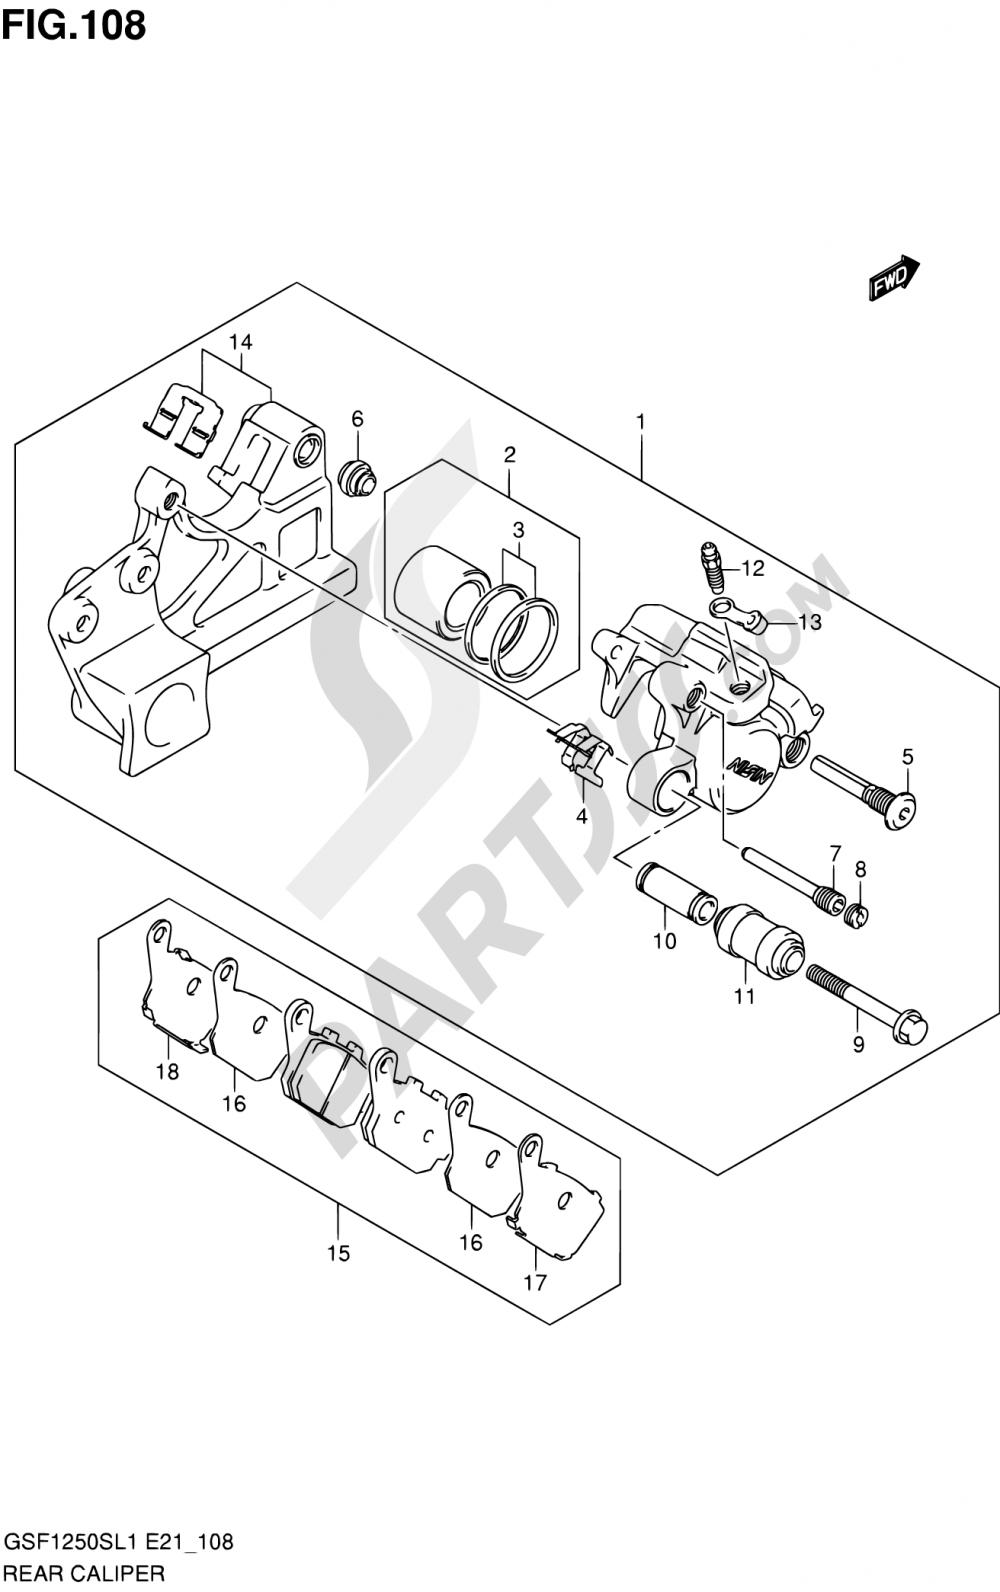 108 - REAR CALIPER (GSF1250SL1 E21) Suzuki BANDIT GSF1250 2011